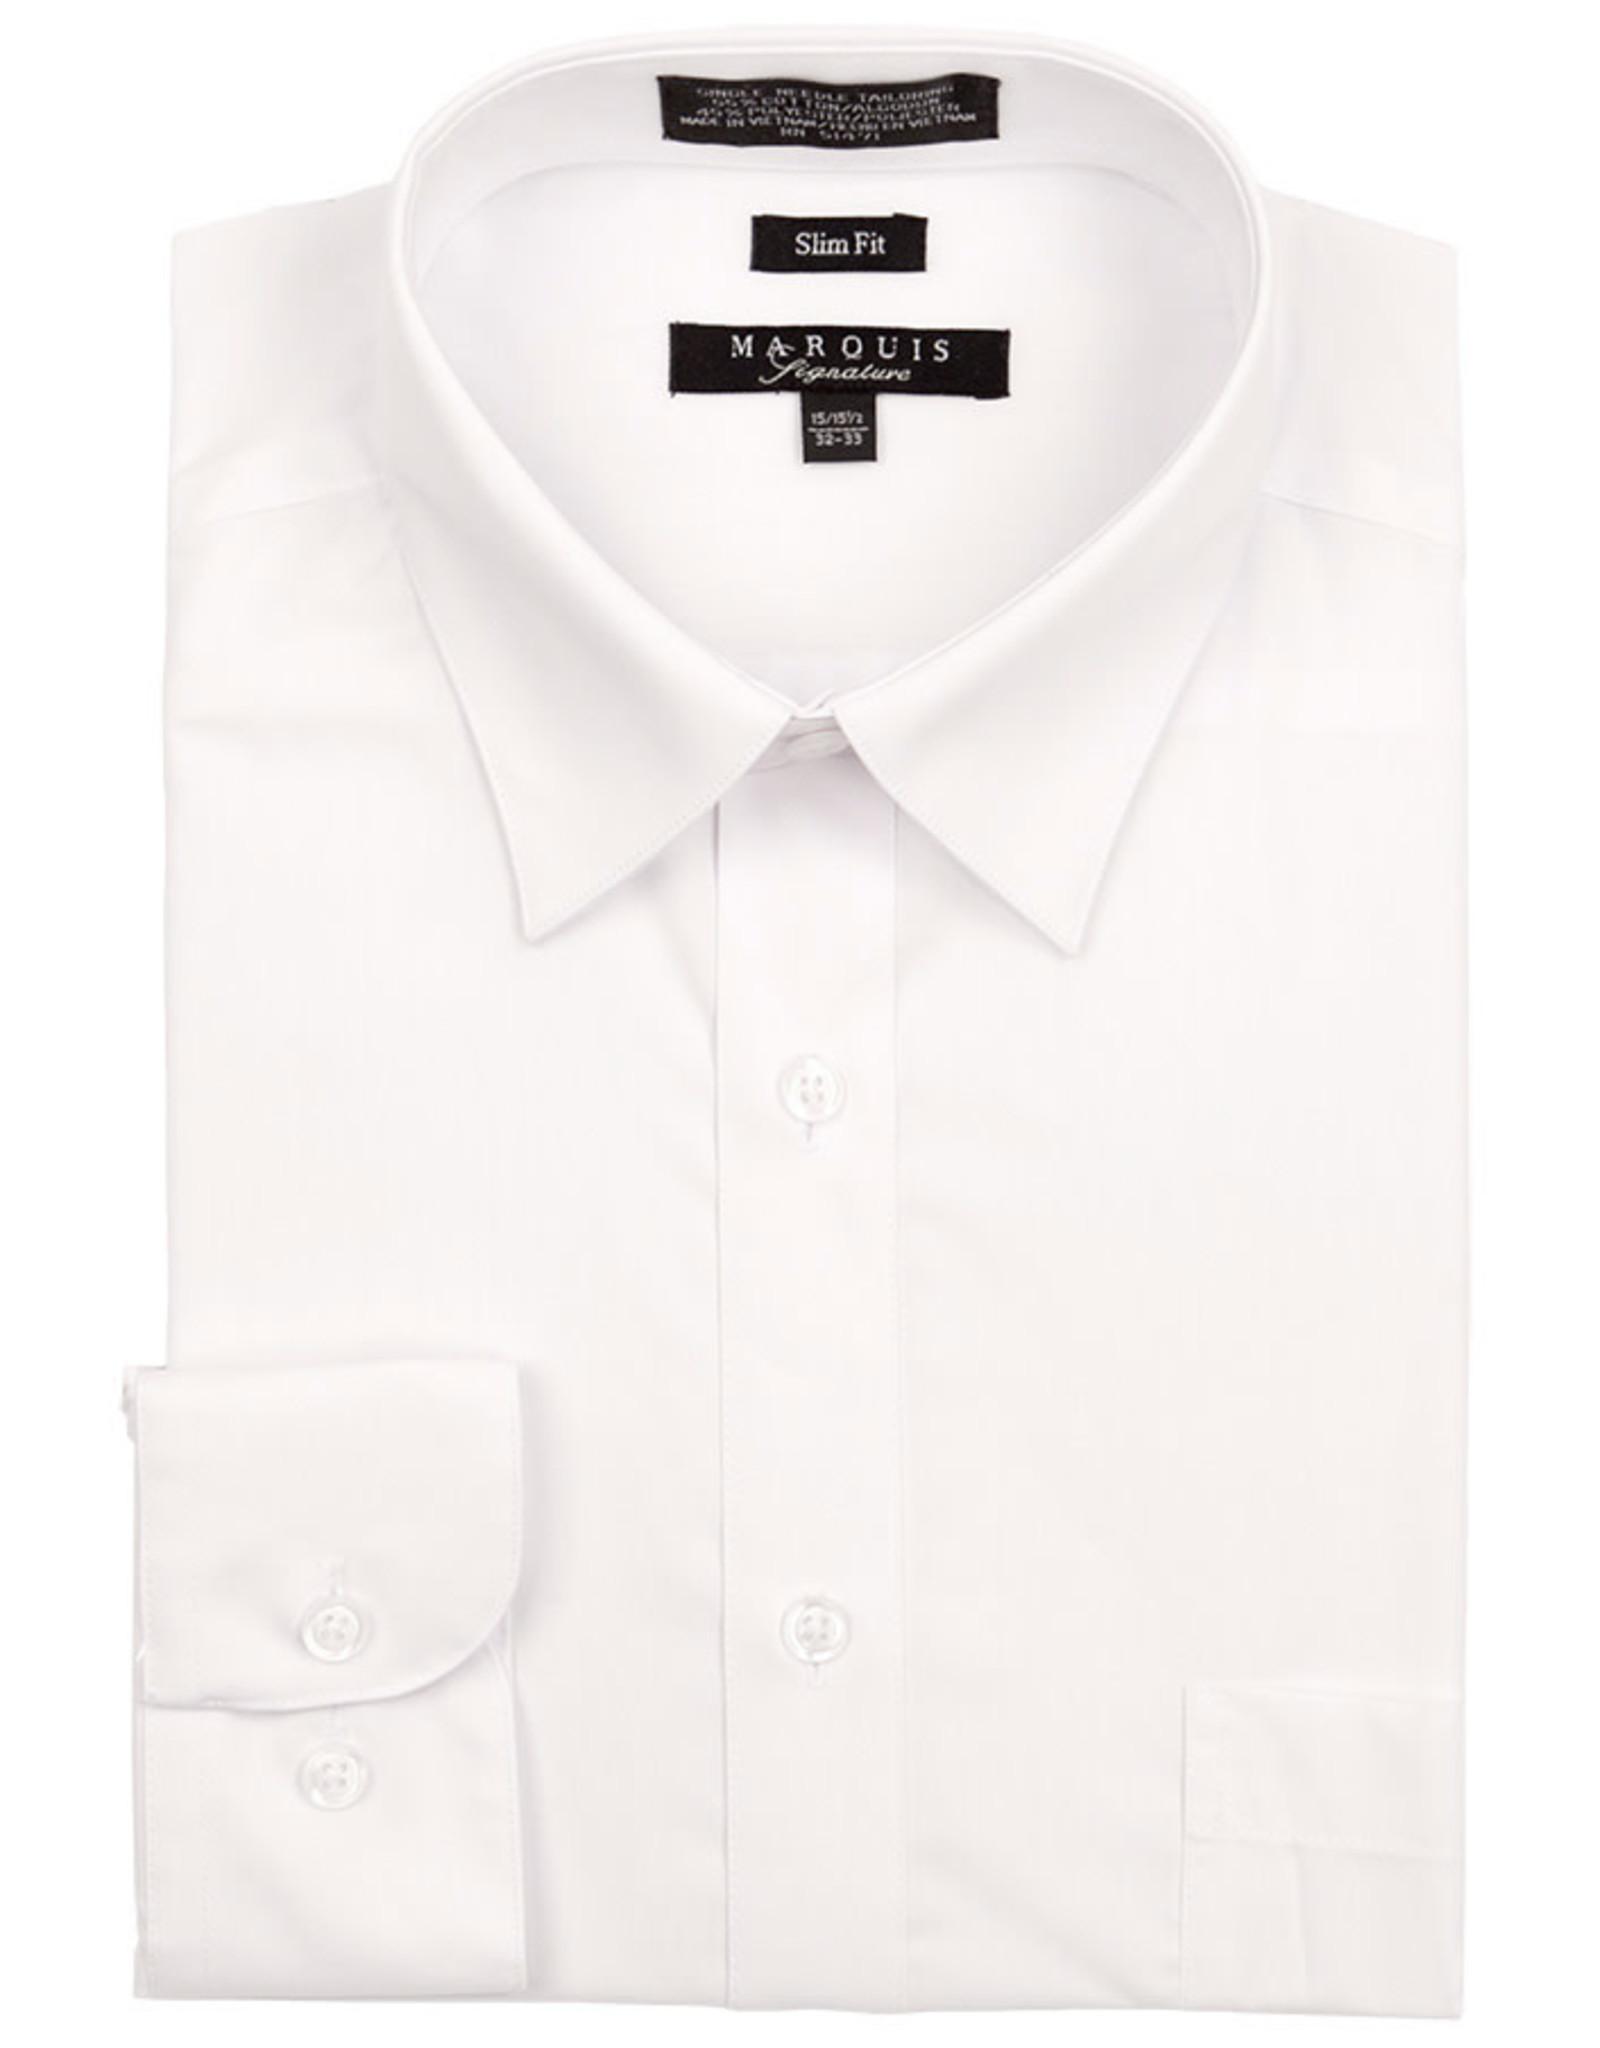 Marquis Dress Shirt MarQuis Slim Fit White